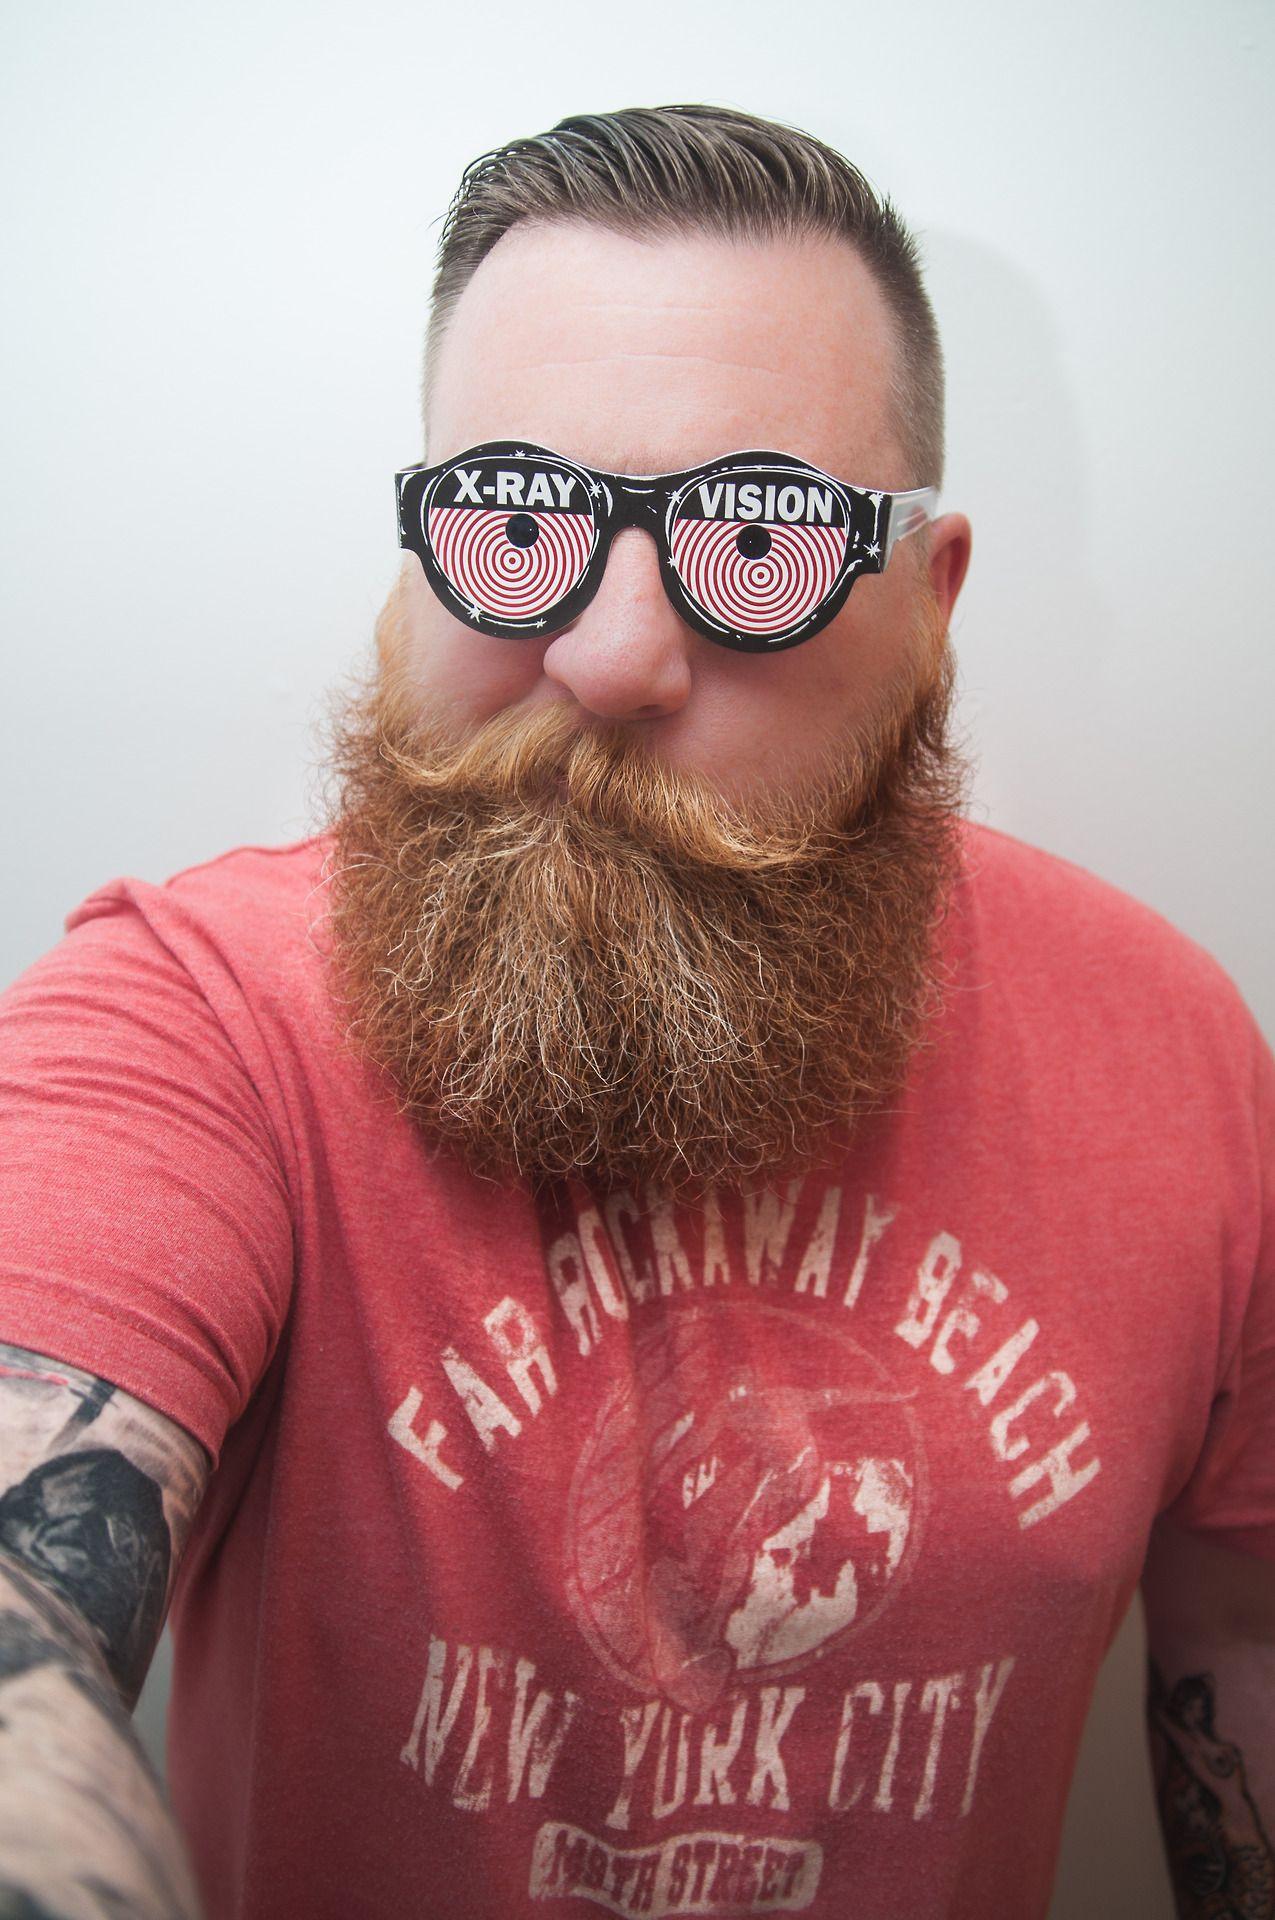 http://beardrevered.tumblr.com/